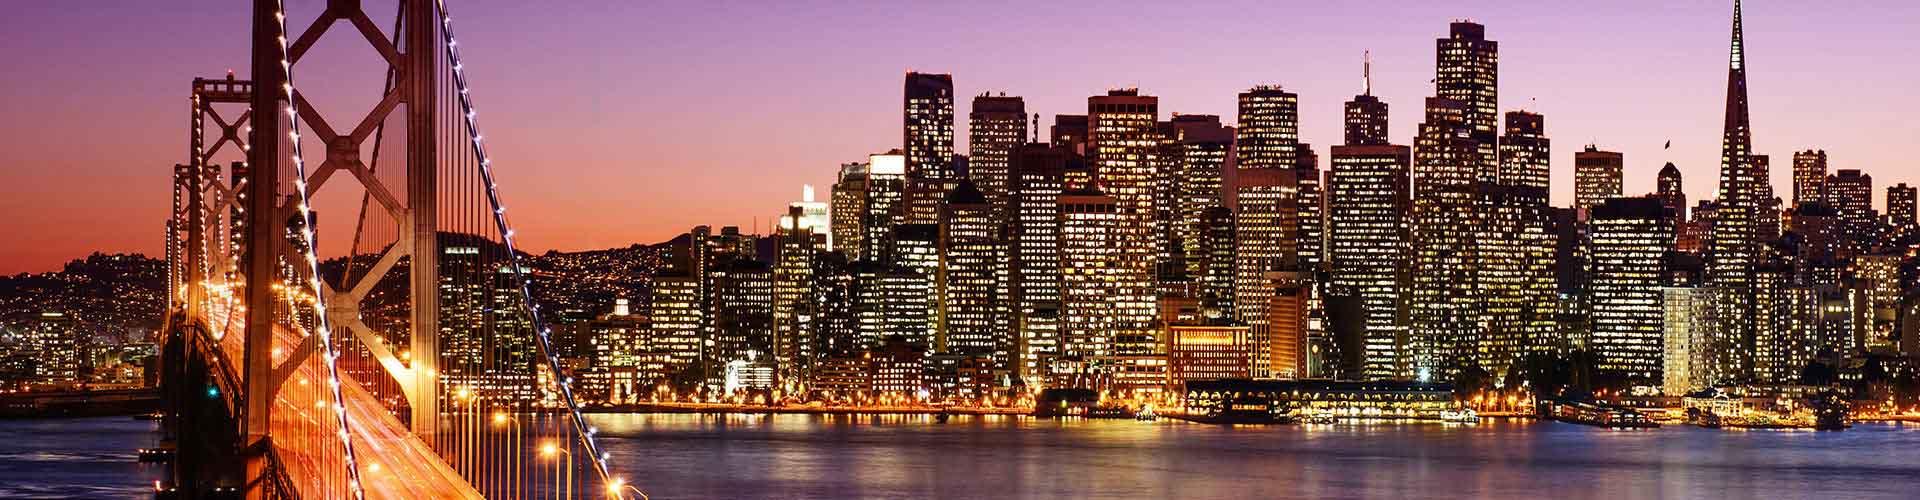 San Francisco - Albergues en San Francisco. Mapas de San Francisco, Fotos y Comentarios para cada Albergue en San Francisco.